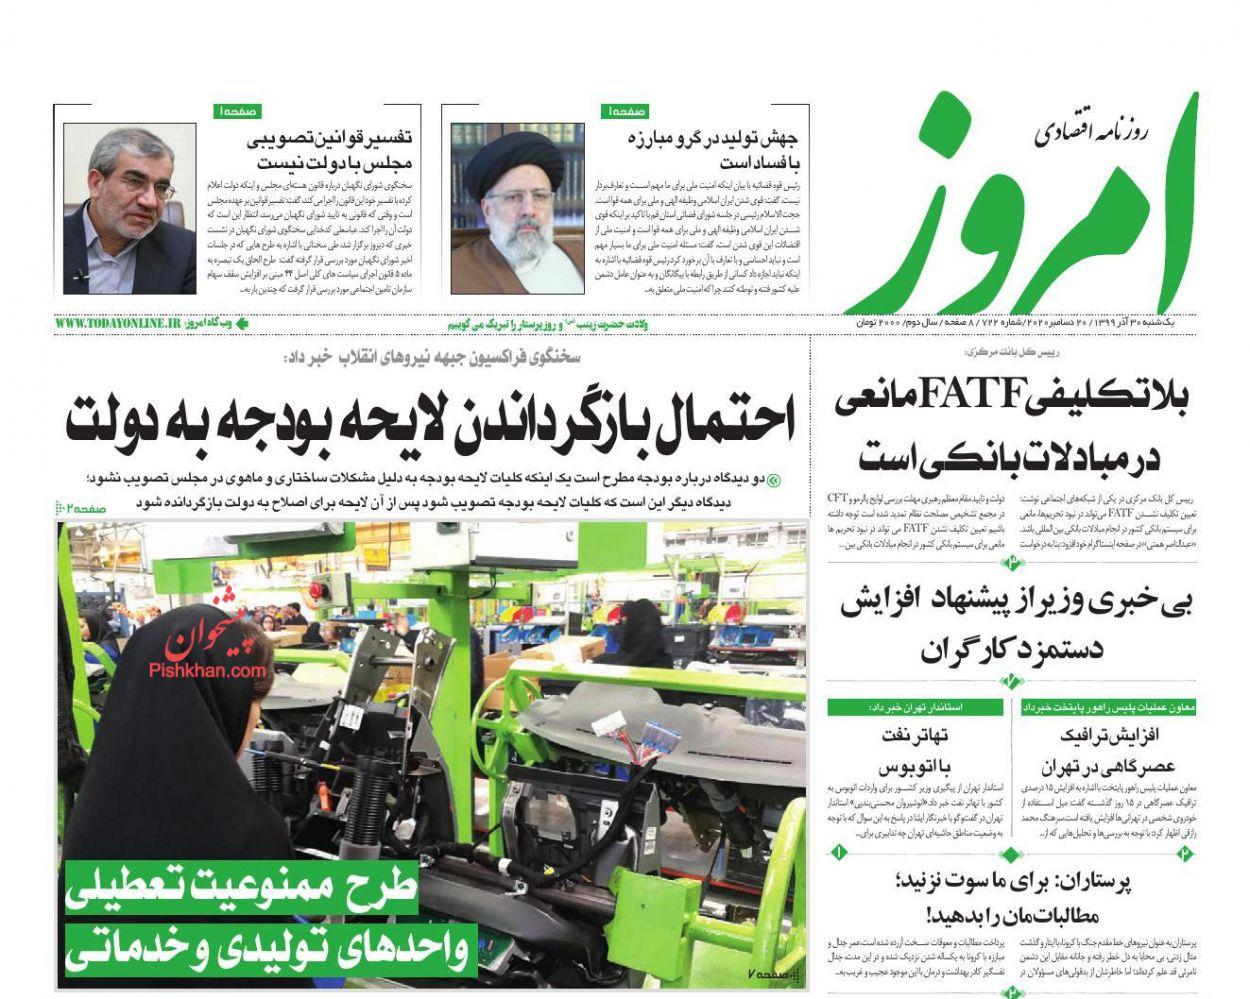 عناوین اخبار روزنامه امروز در روز یکشنبه ۳۰ آذر